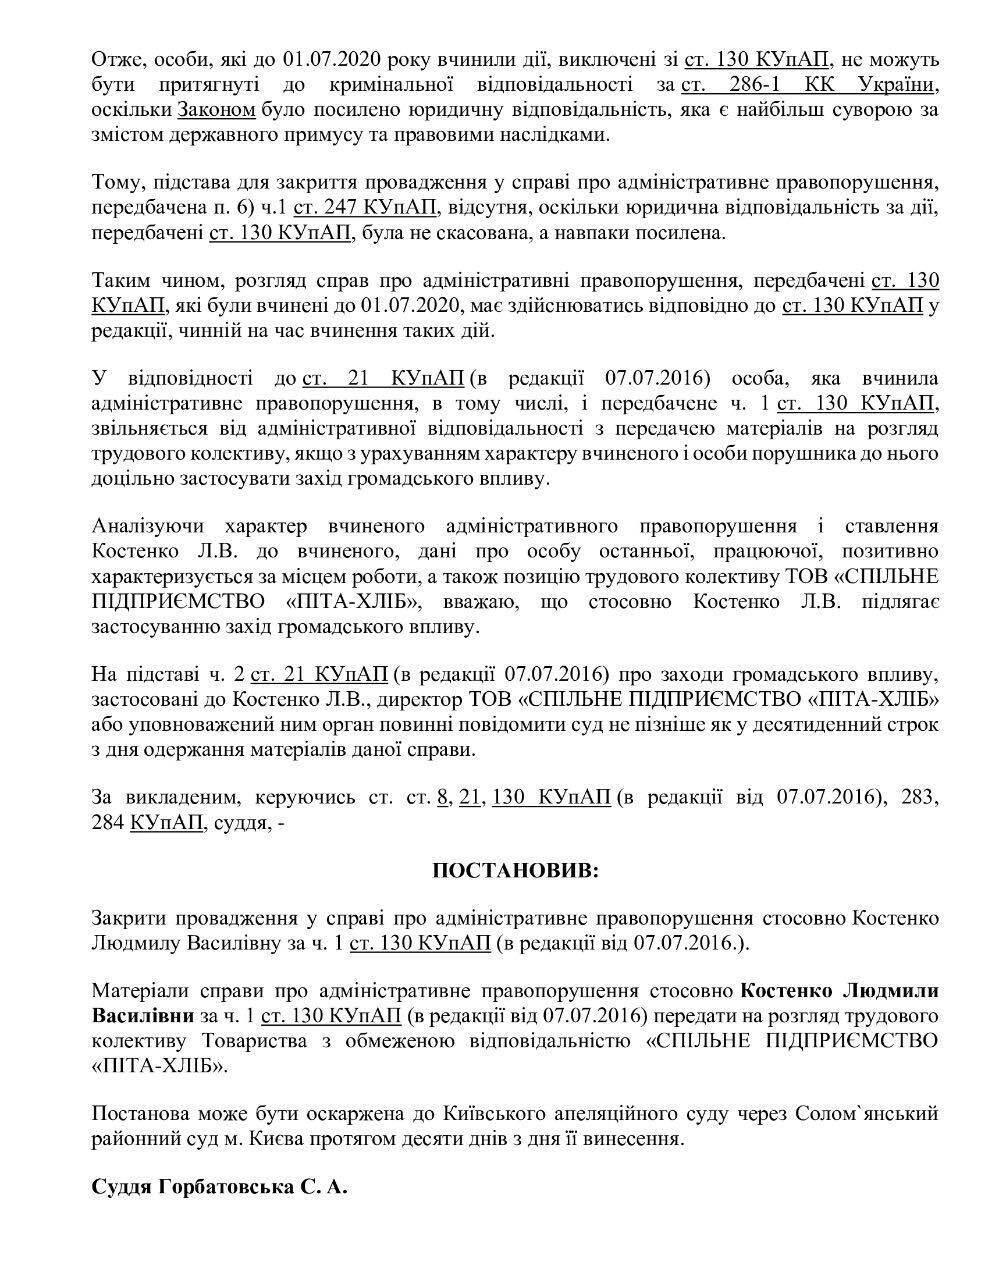 Постановление о Костенко